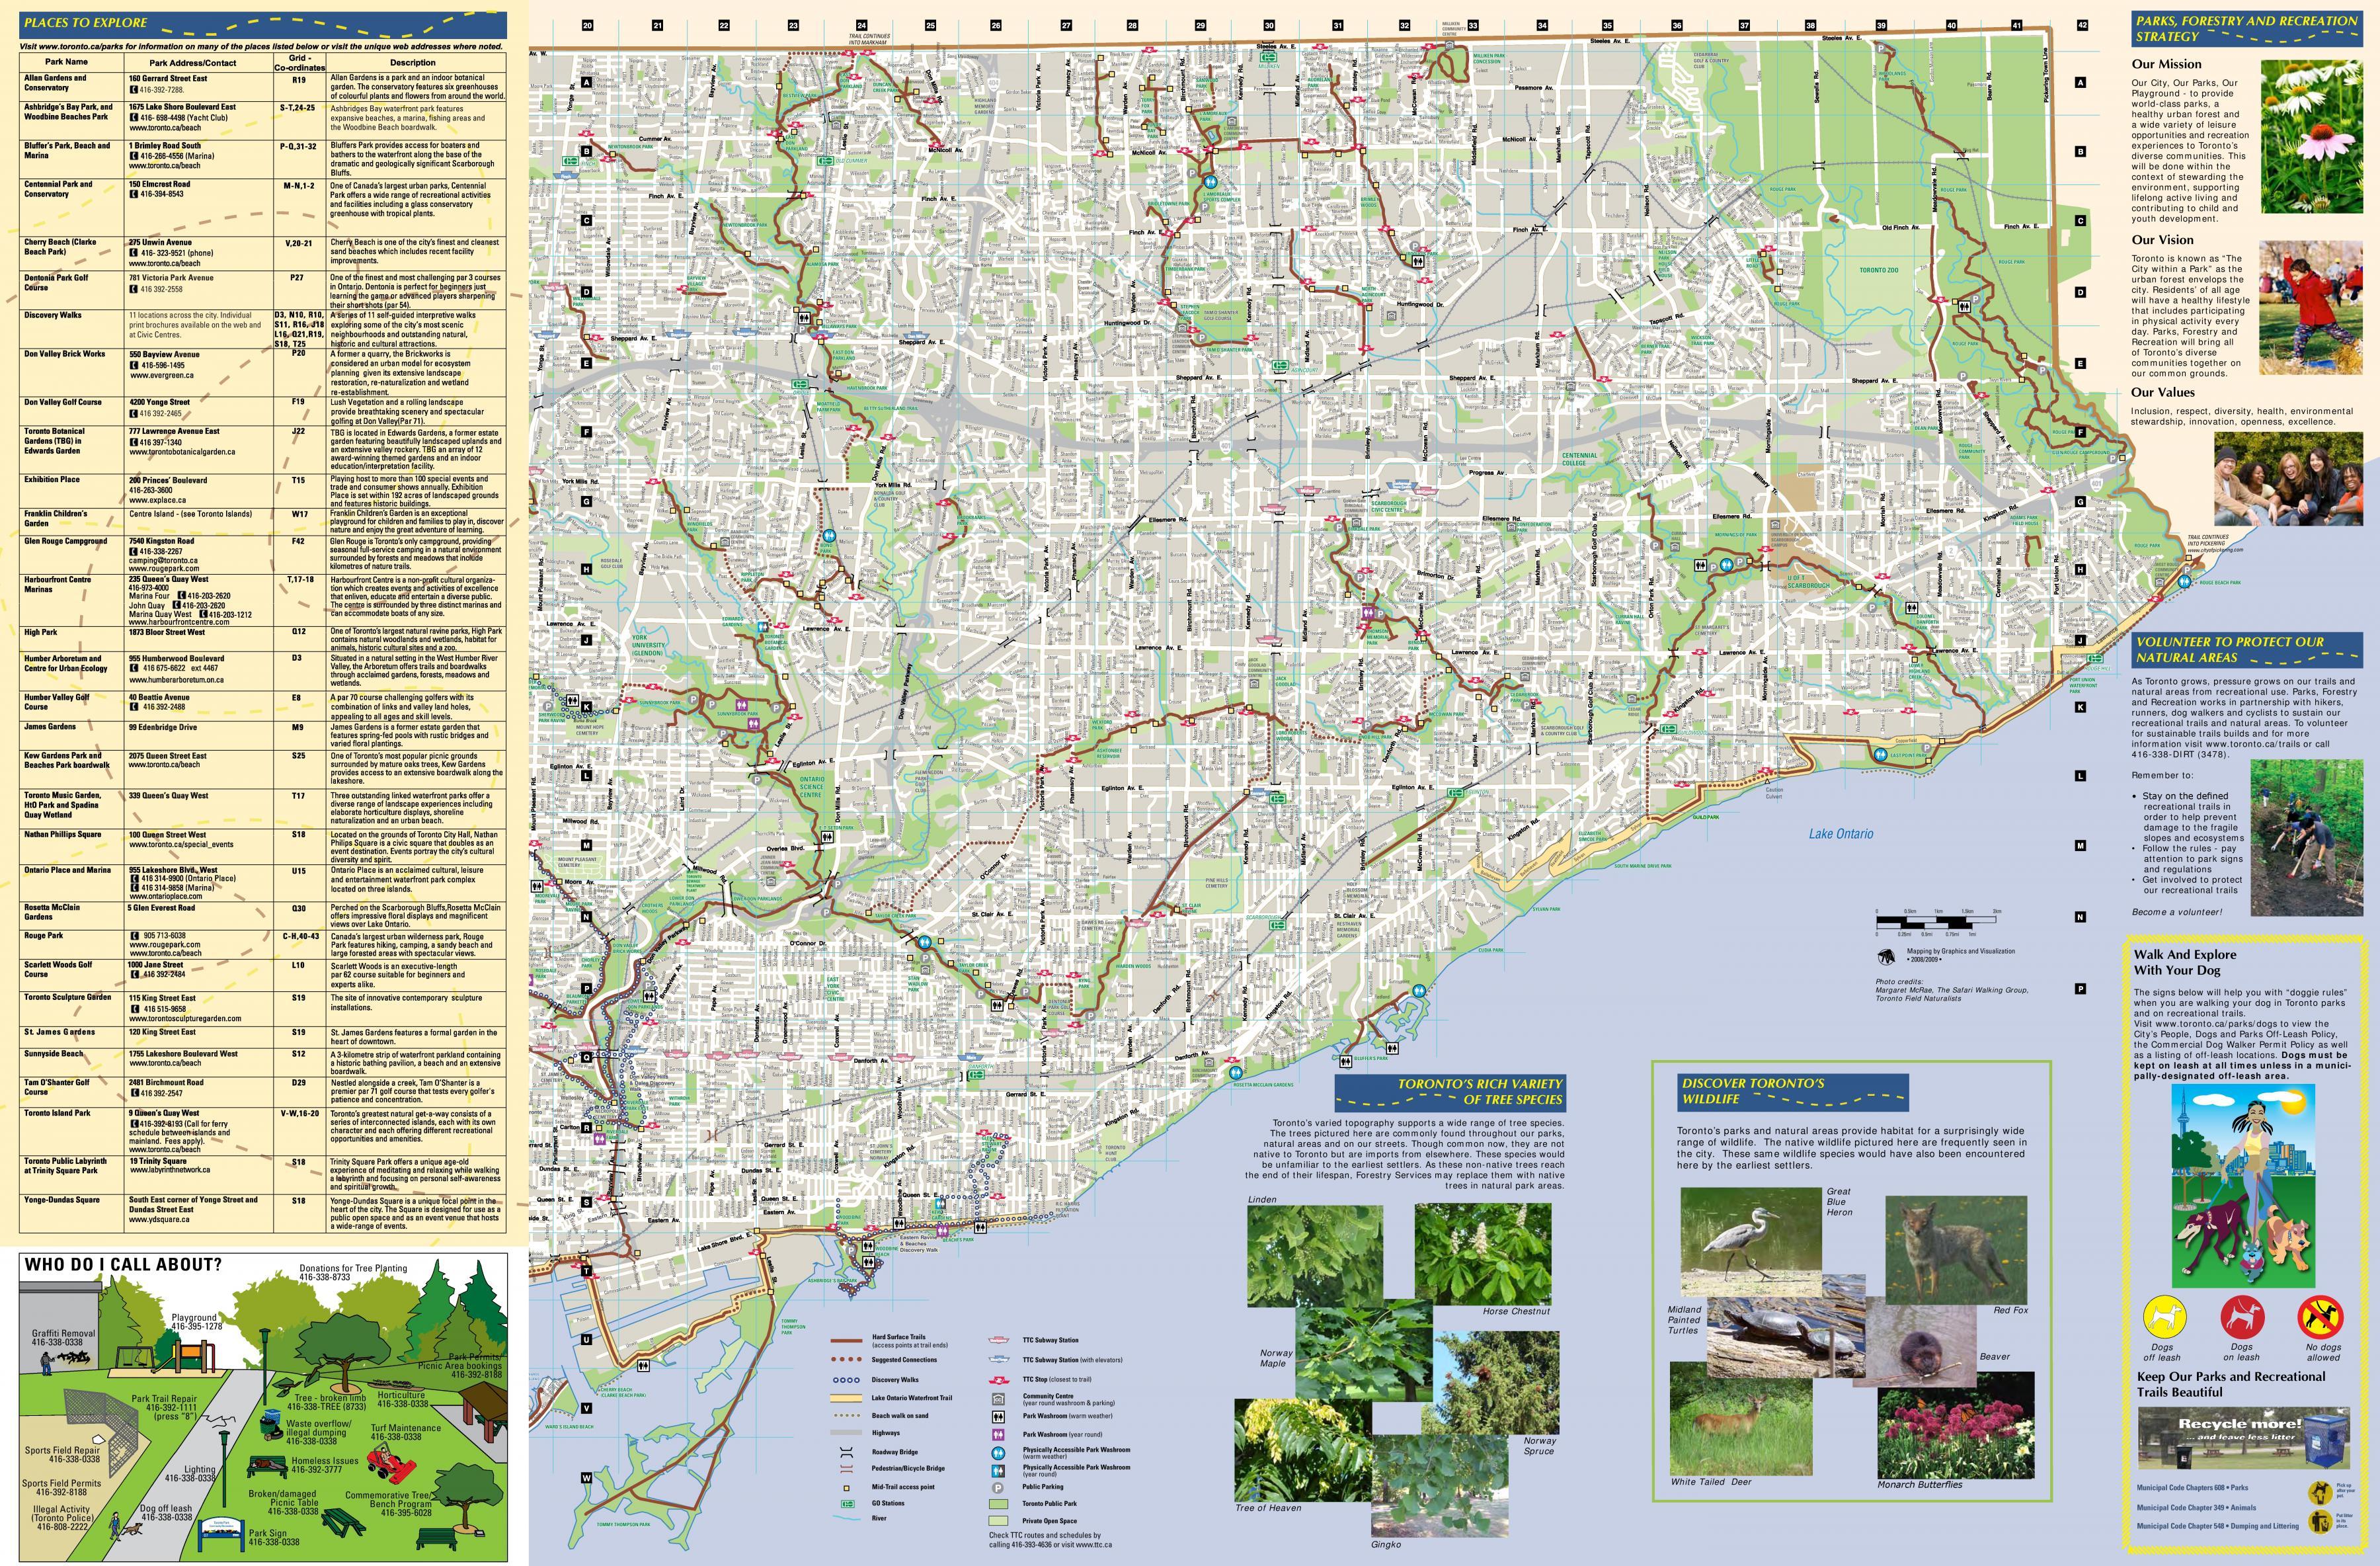 turstier kart Parker og turstier East Toronto kart   Kart over parker og  turstier kart